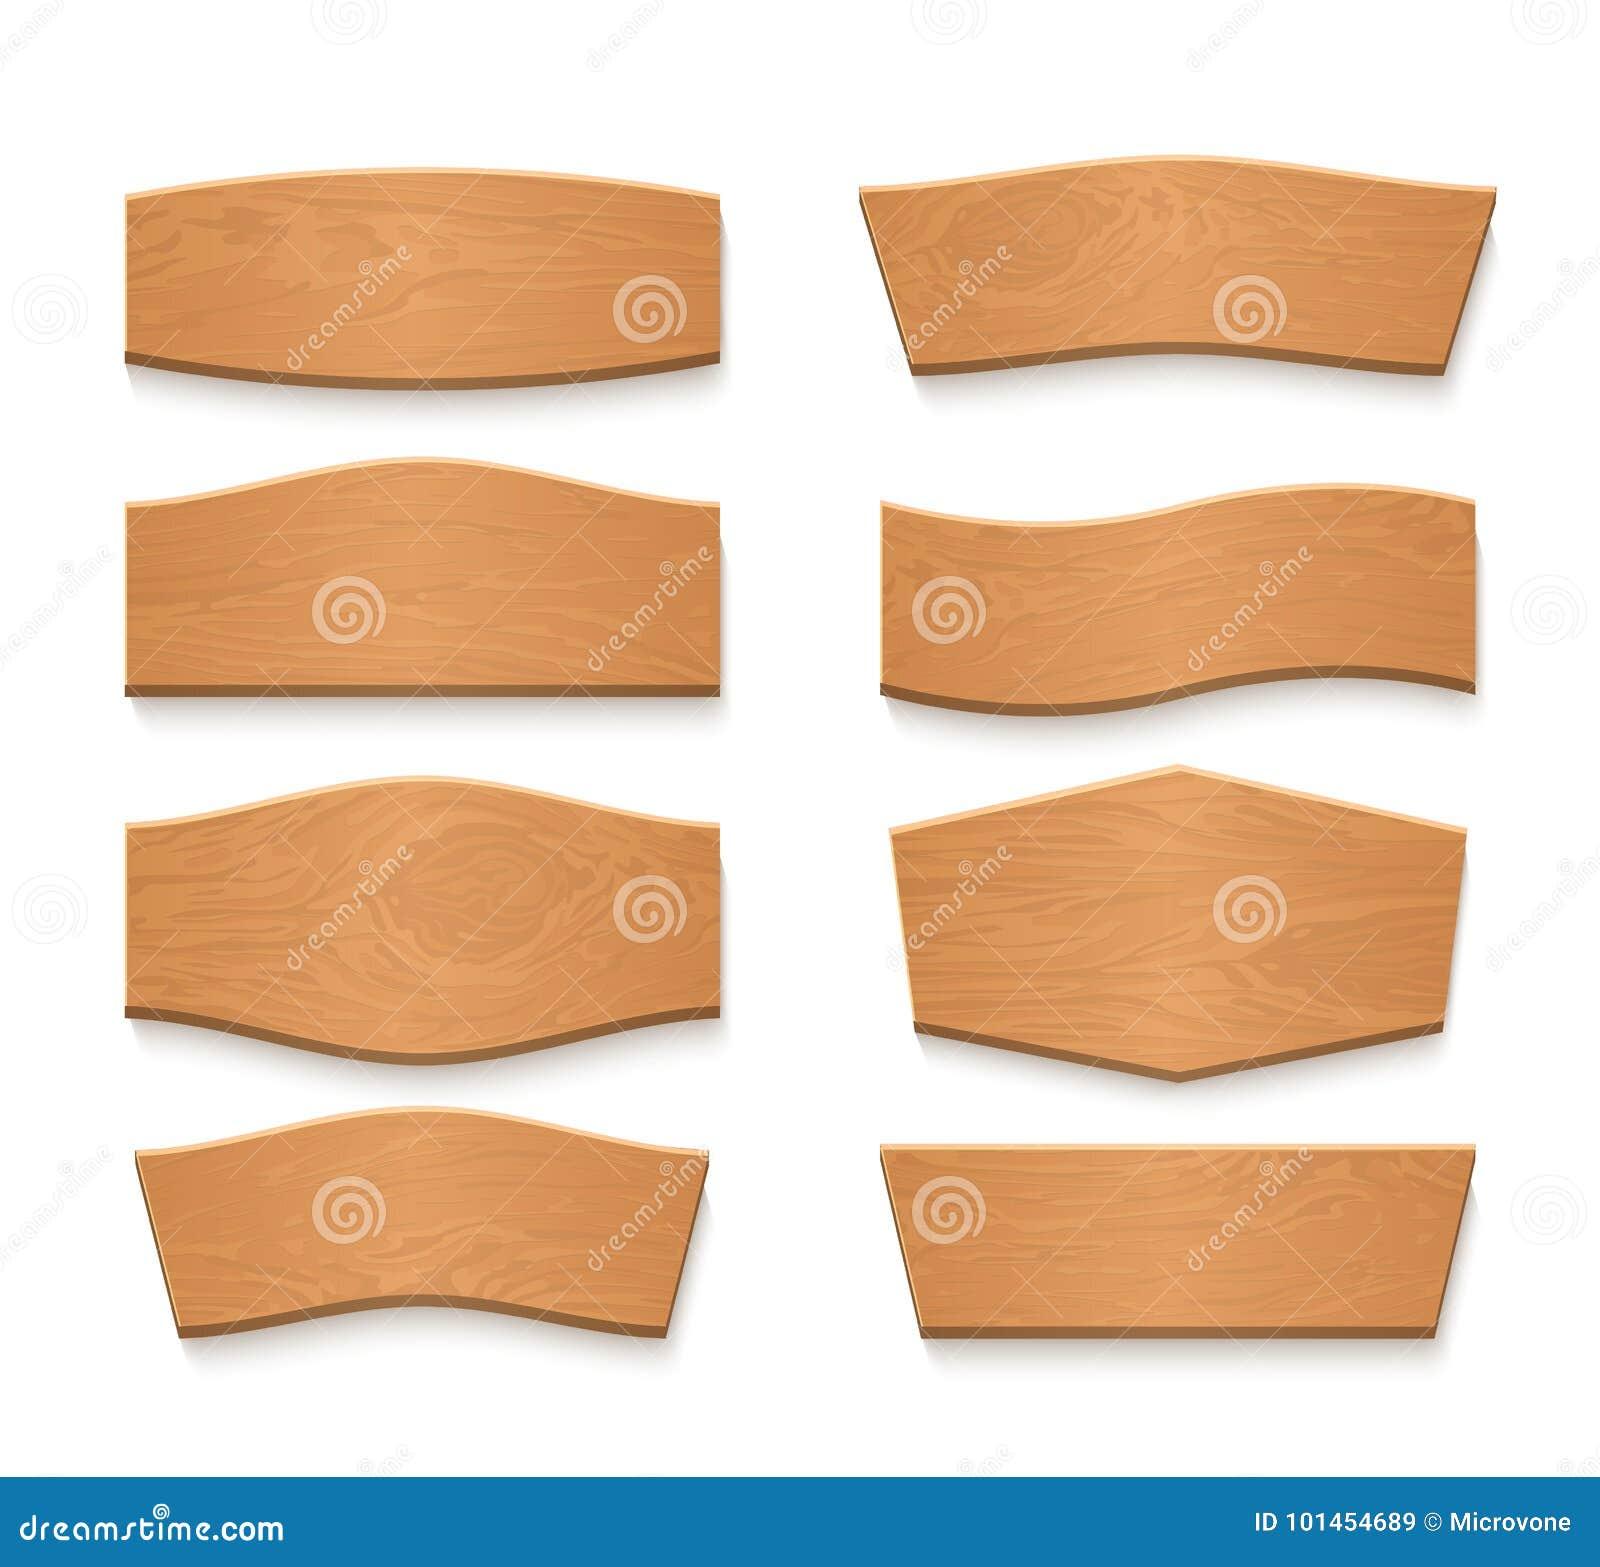 Bandeiras vazias do vetor da placa marrom de madeira dos desenhos animados Fitas de madeira do vintage ajustadas